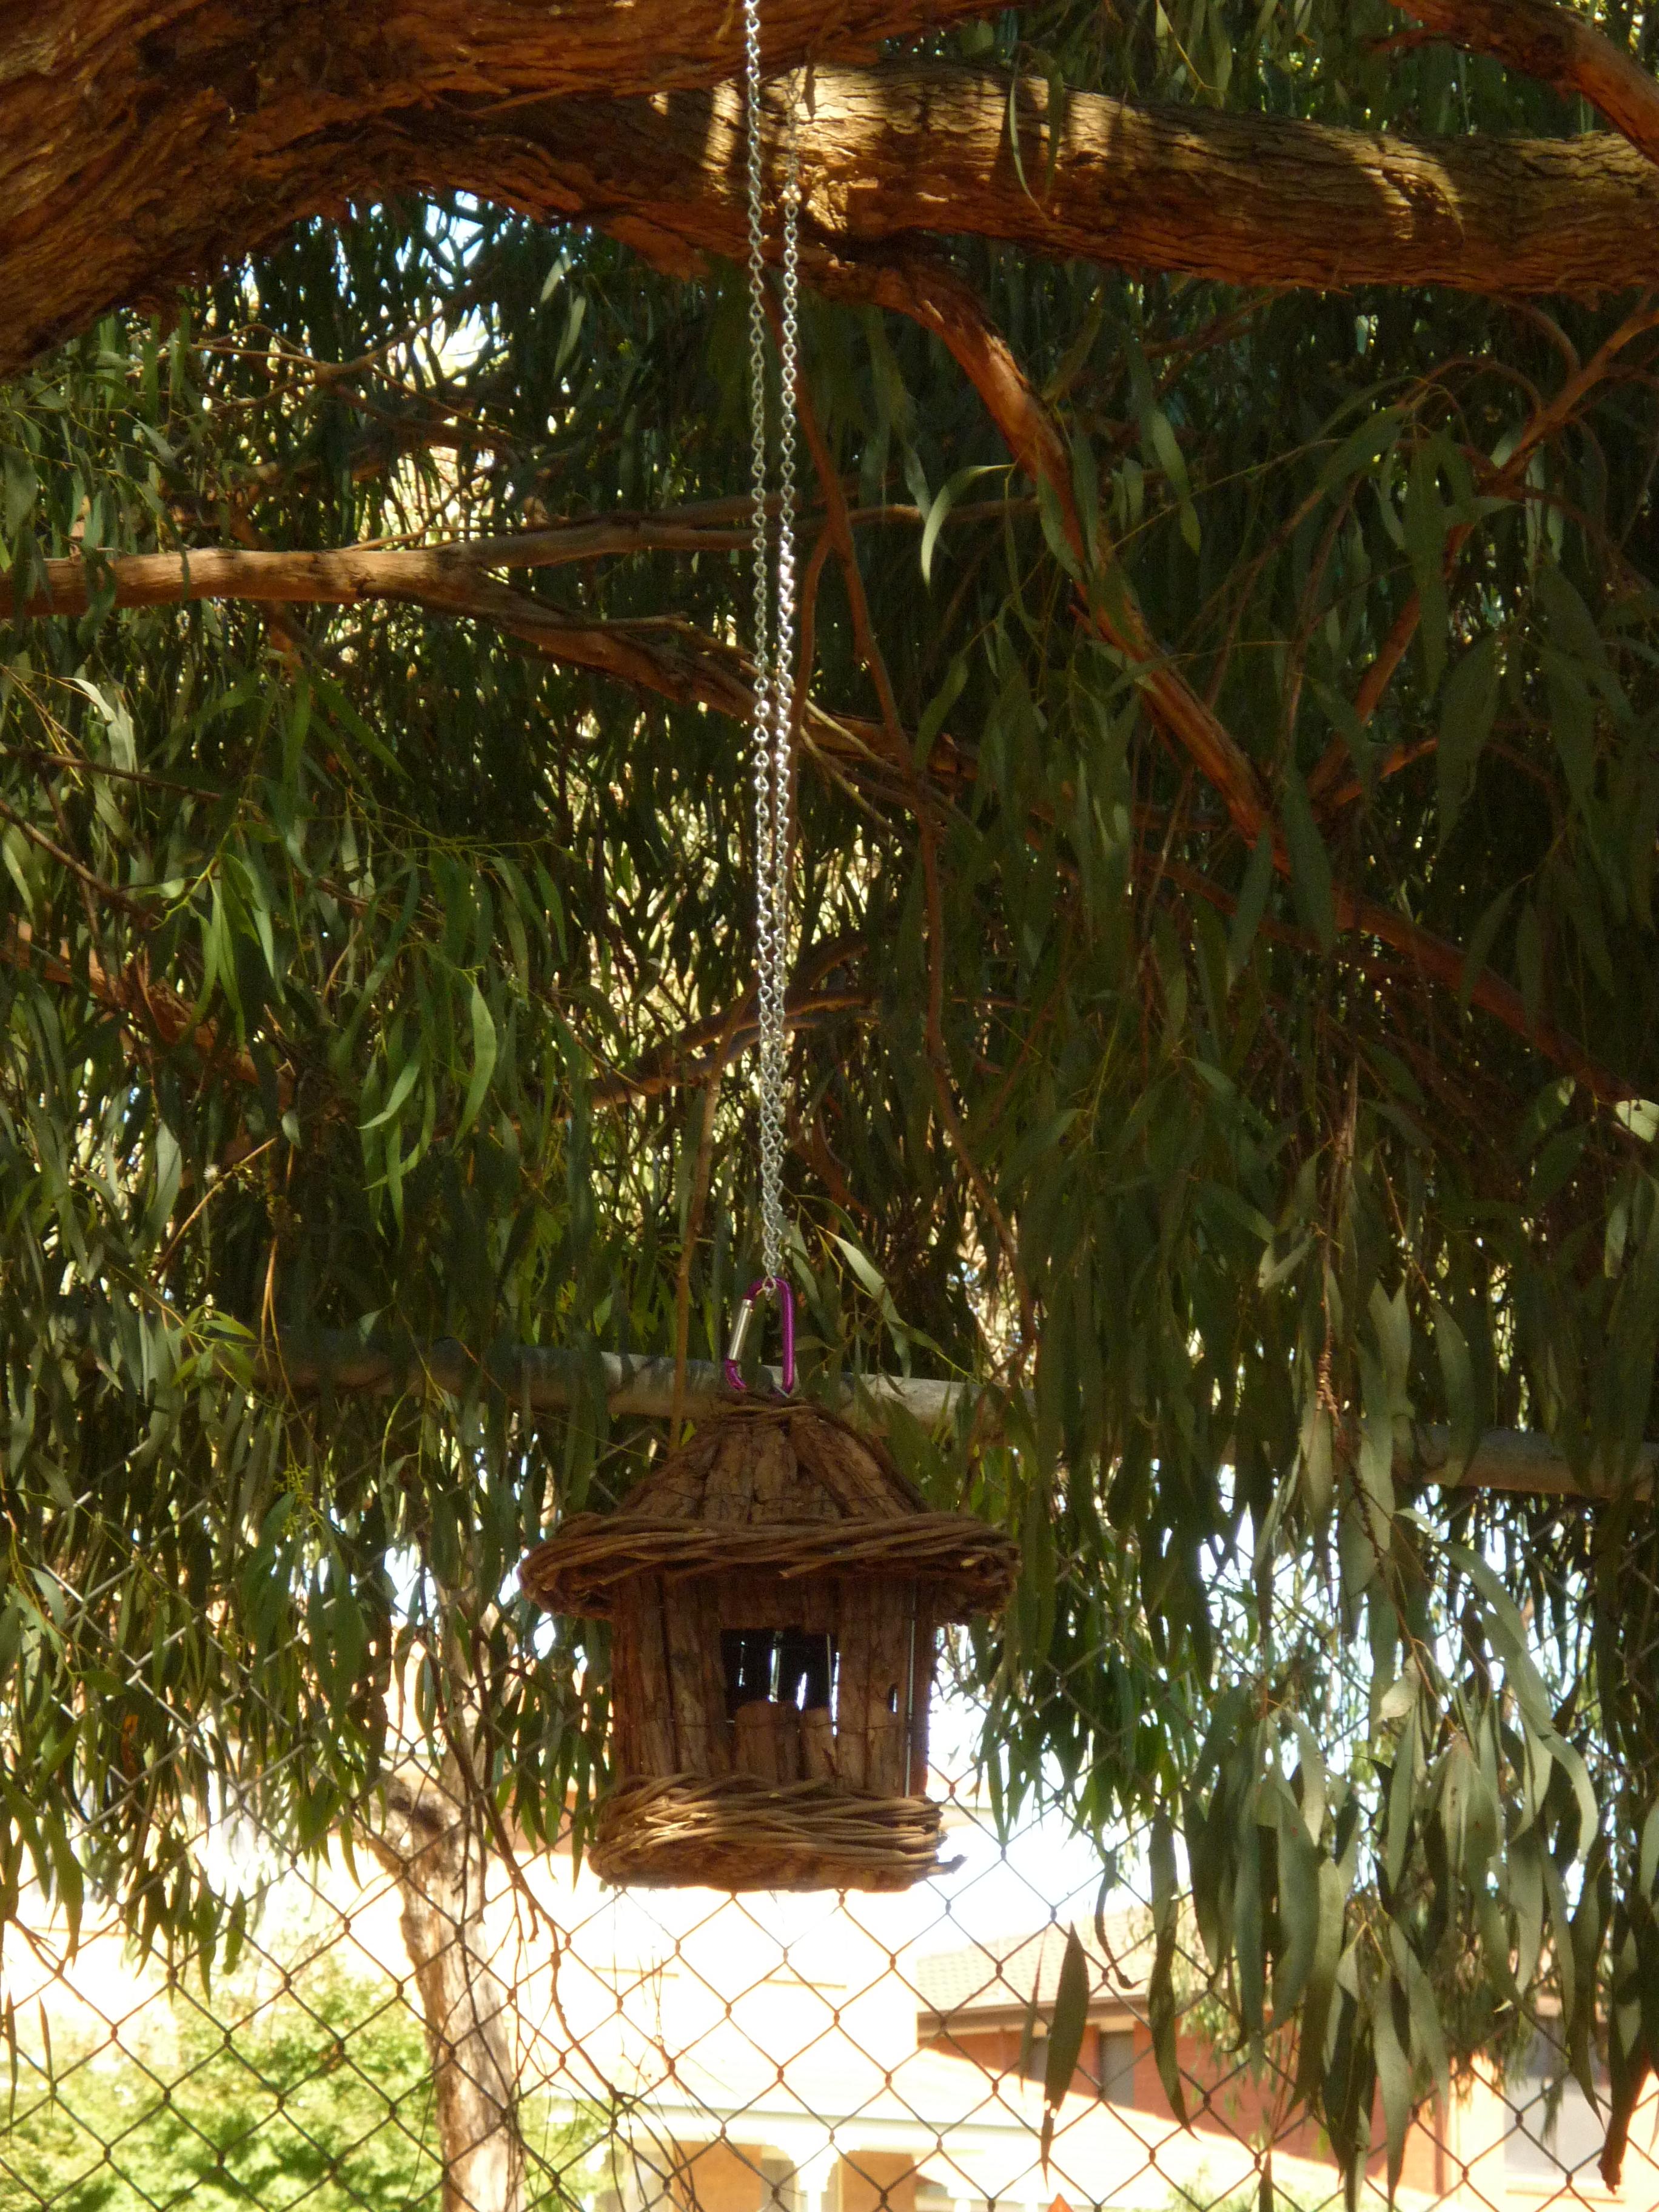 Our bird house